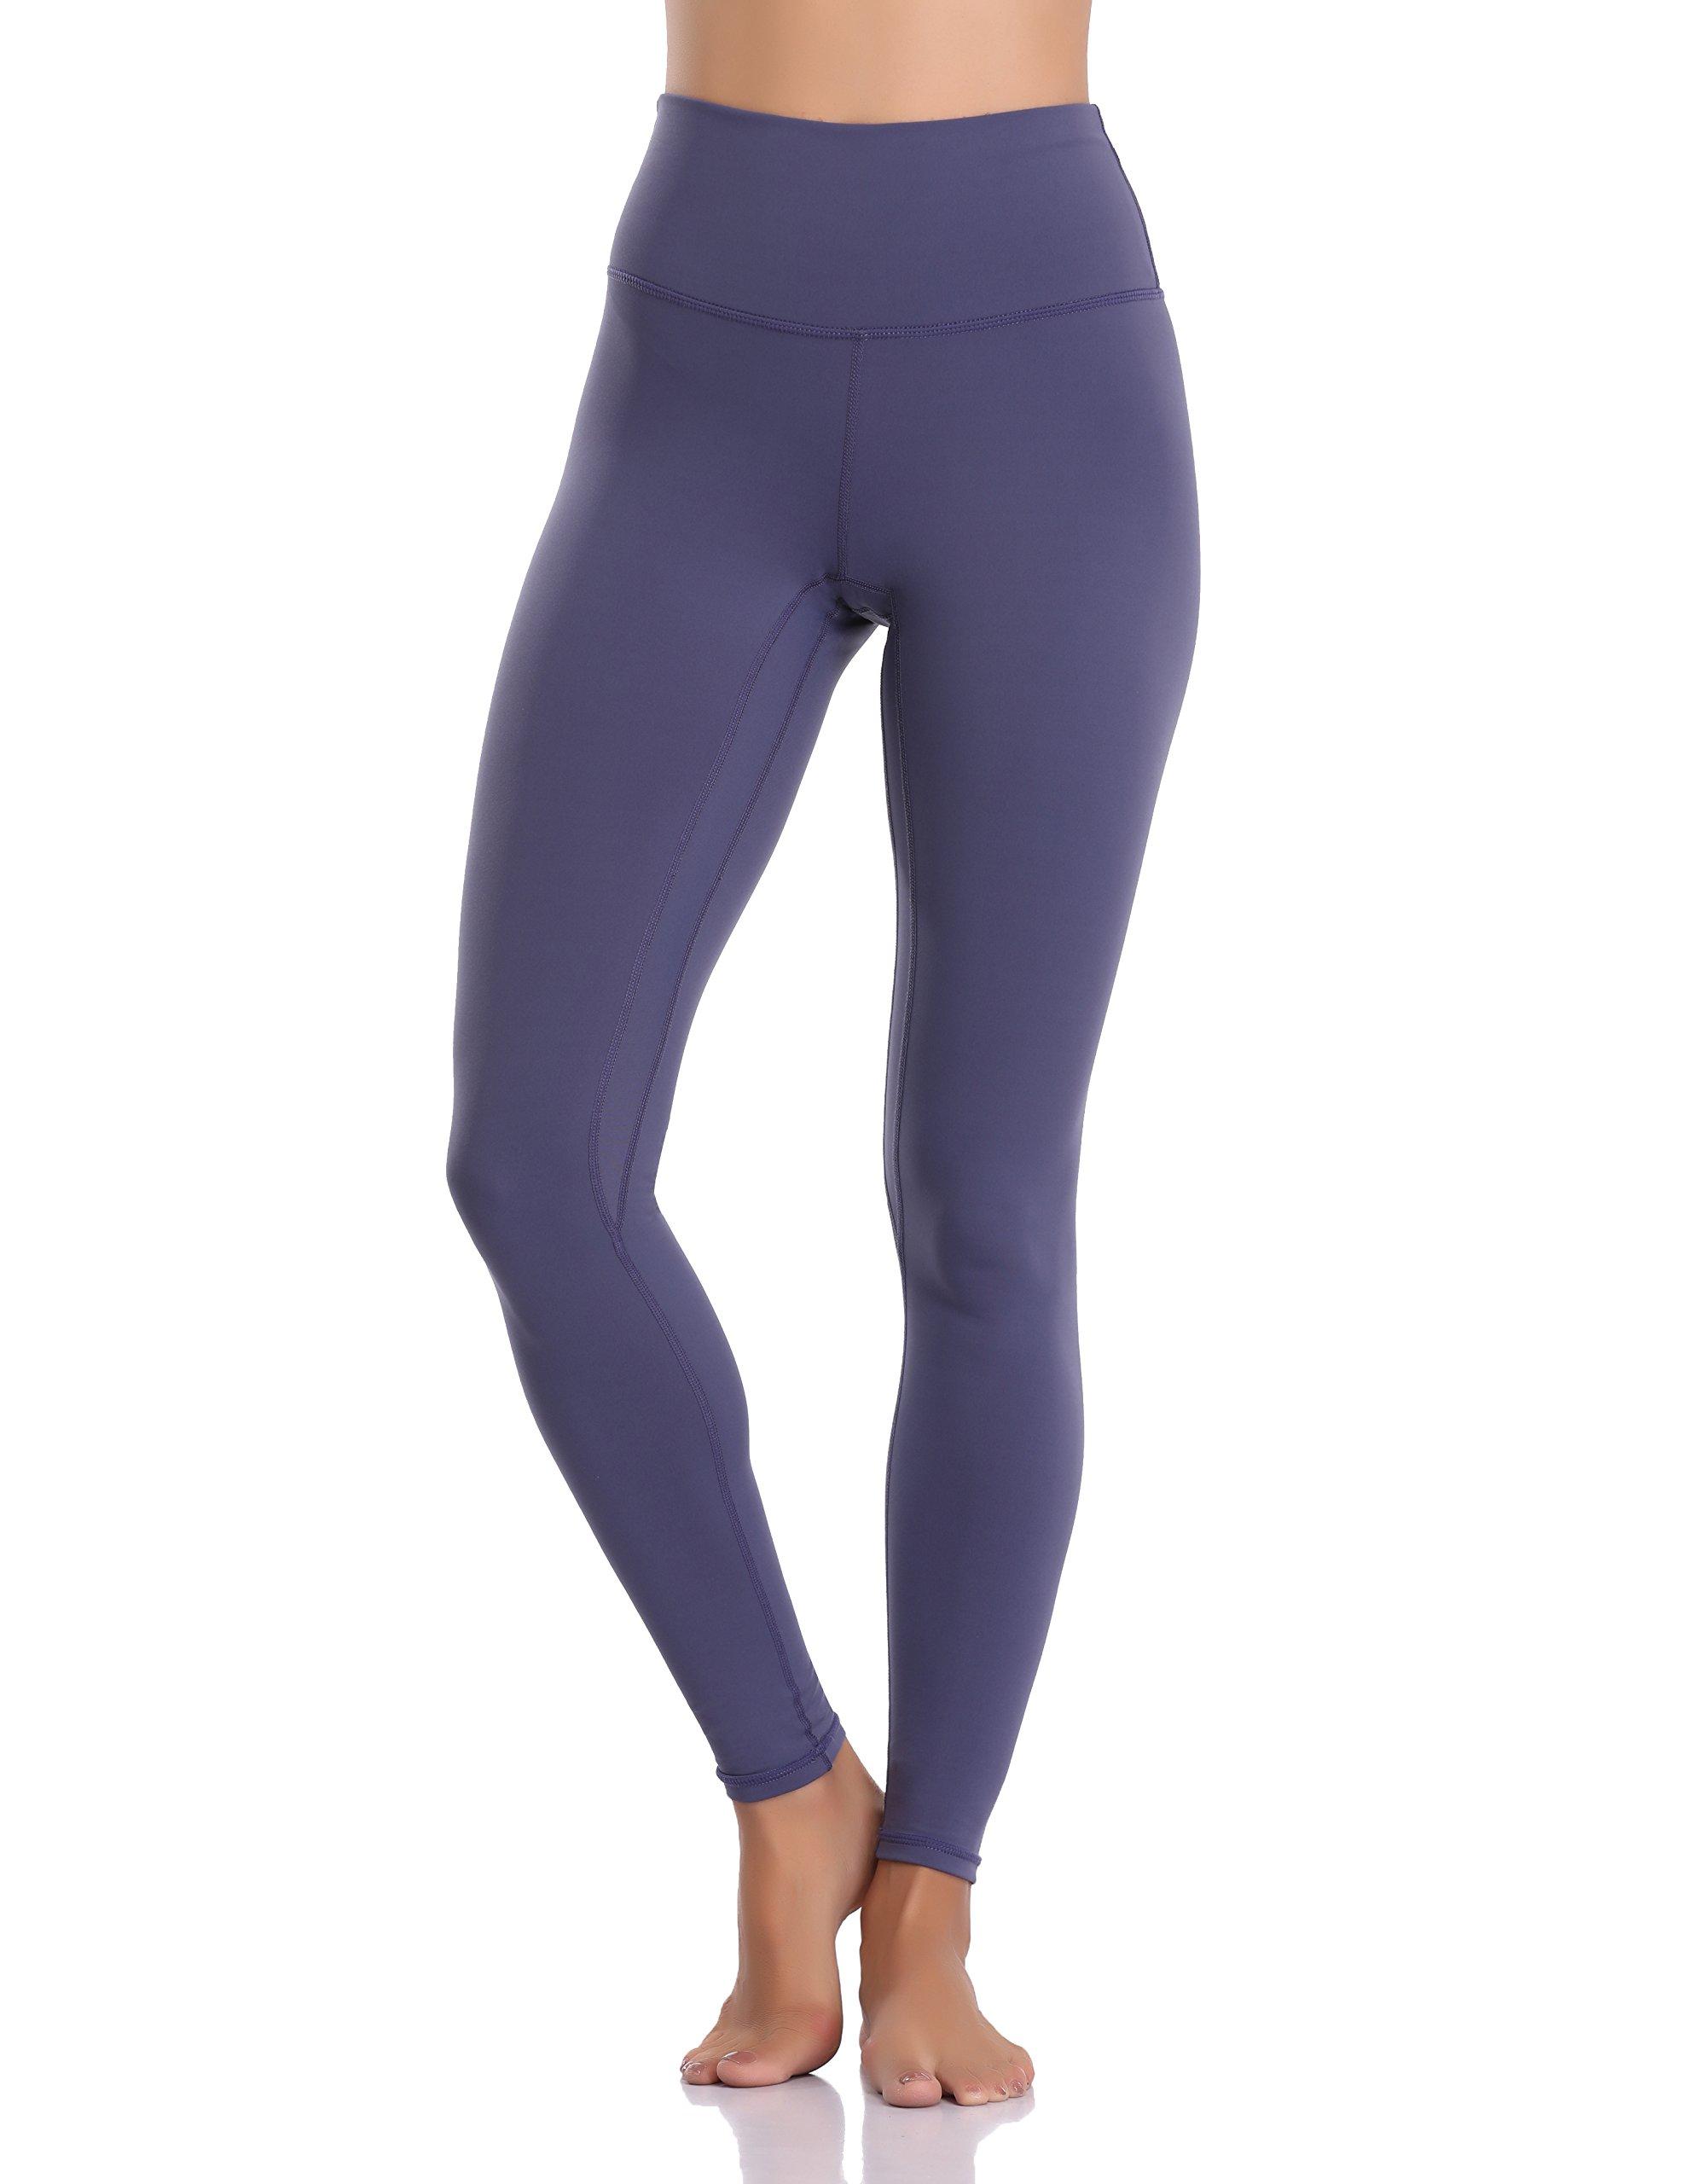 Colorfulkoala Women's Buttery Soft High Waisted Yoga Pants Full-Length Leggings (M, Midnight Navy)